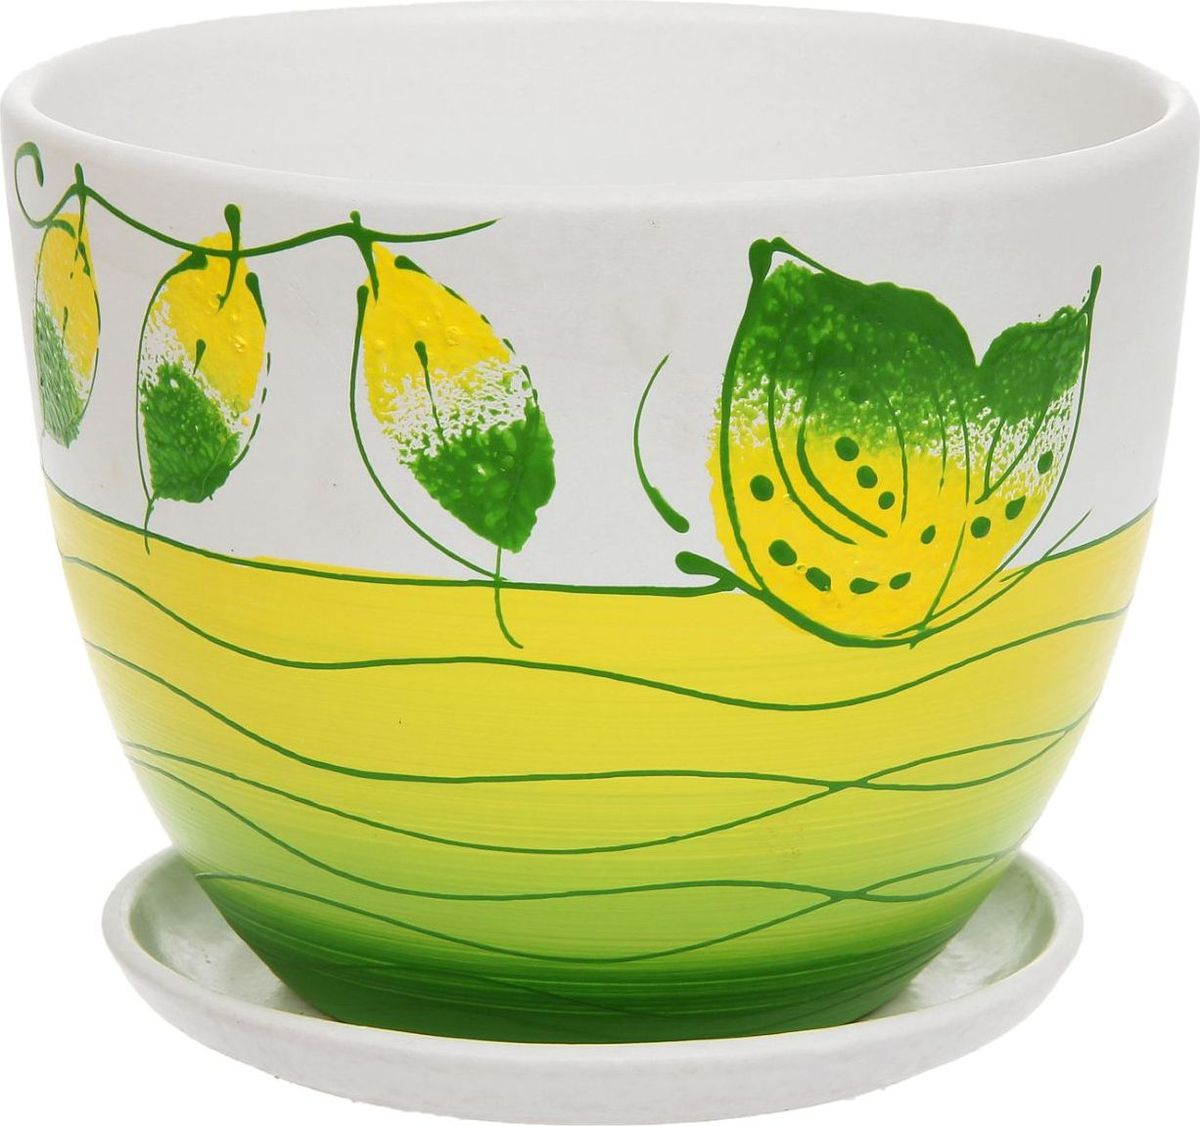 Кашпо Фантазия, цвет: зеленый, 2 л1138717Комнатные растения — всеобщие любимцы. Они радуют глаз, насыщают помещение кислородом и украшают пространство. Каждому из них необходим свой удобный и красивый дом. Кашпо из керамики прекрасно подходят для высадки растений: за счет пластичности глины и разных способов обработки существует великое множество форм и дизайнов пористый материал позволяет испаряться лишней влаге воздух, необходимый для дыхания корней, проникает сквозь керамические стенки! позаботится о зеленом питомце, освежит интерьер и подчеркнет его стиль.